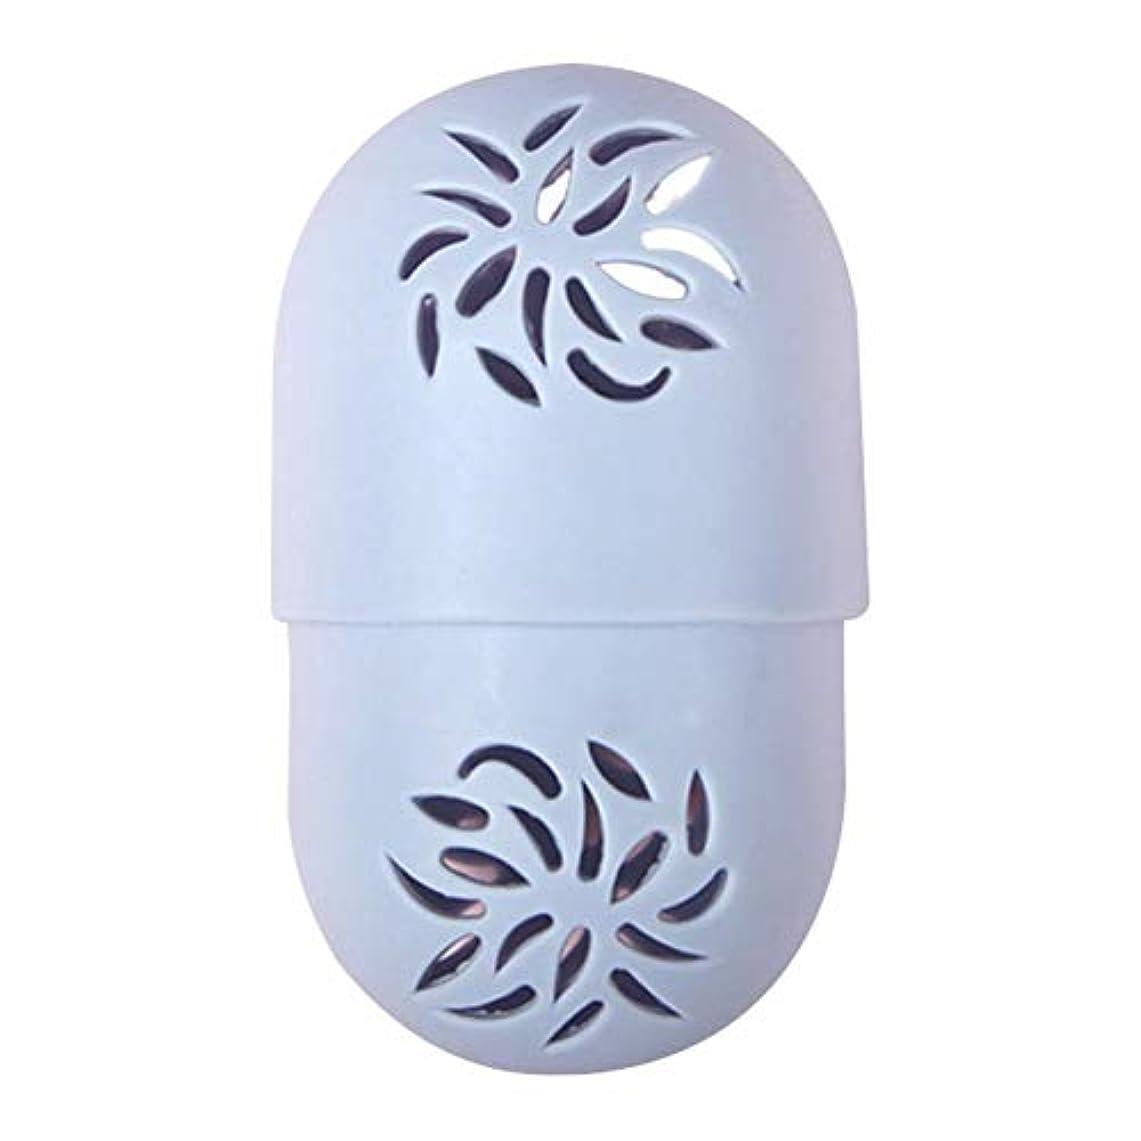 疾患溶接暗唱するMing-Dian 化粧スポンジホルダー化粧パフ防塵収納ケースシリコン収納ケーススポンジ容器通気性のある化粧アクセサリー